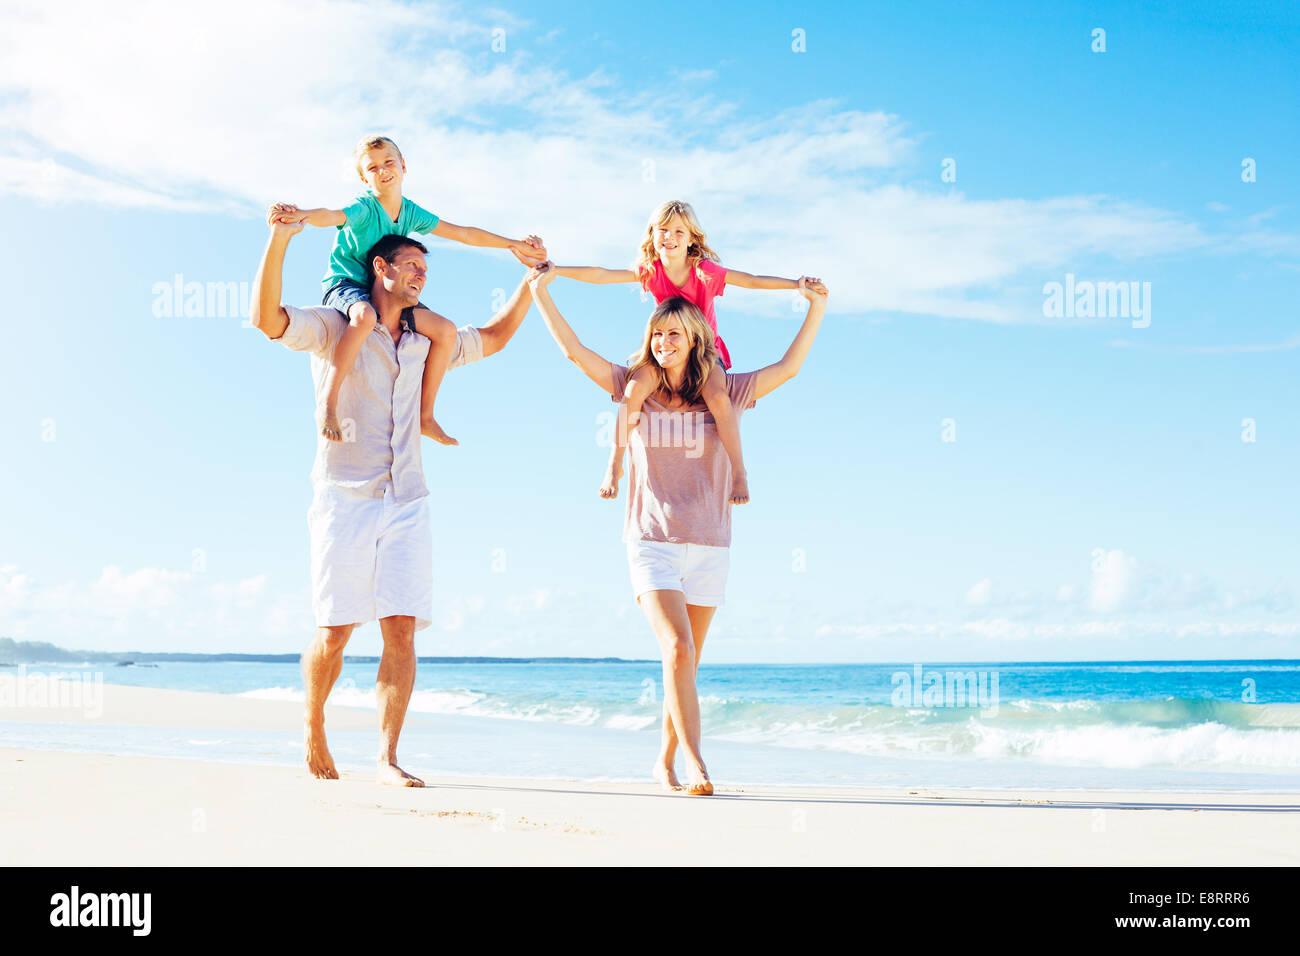 Foto di famiglia felice avendo divertimento sulla spiaggia. Lo stile di vita di estate. Immagini Stock